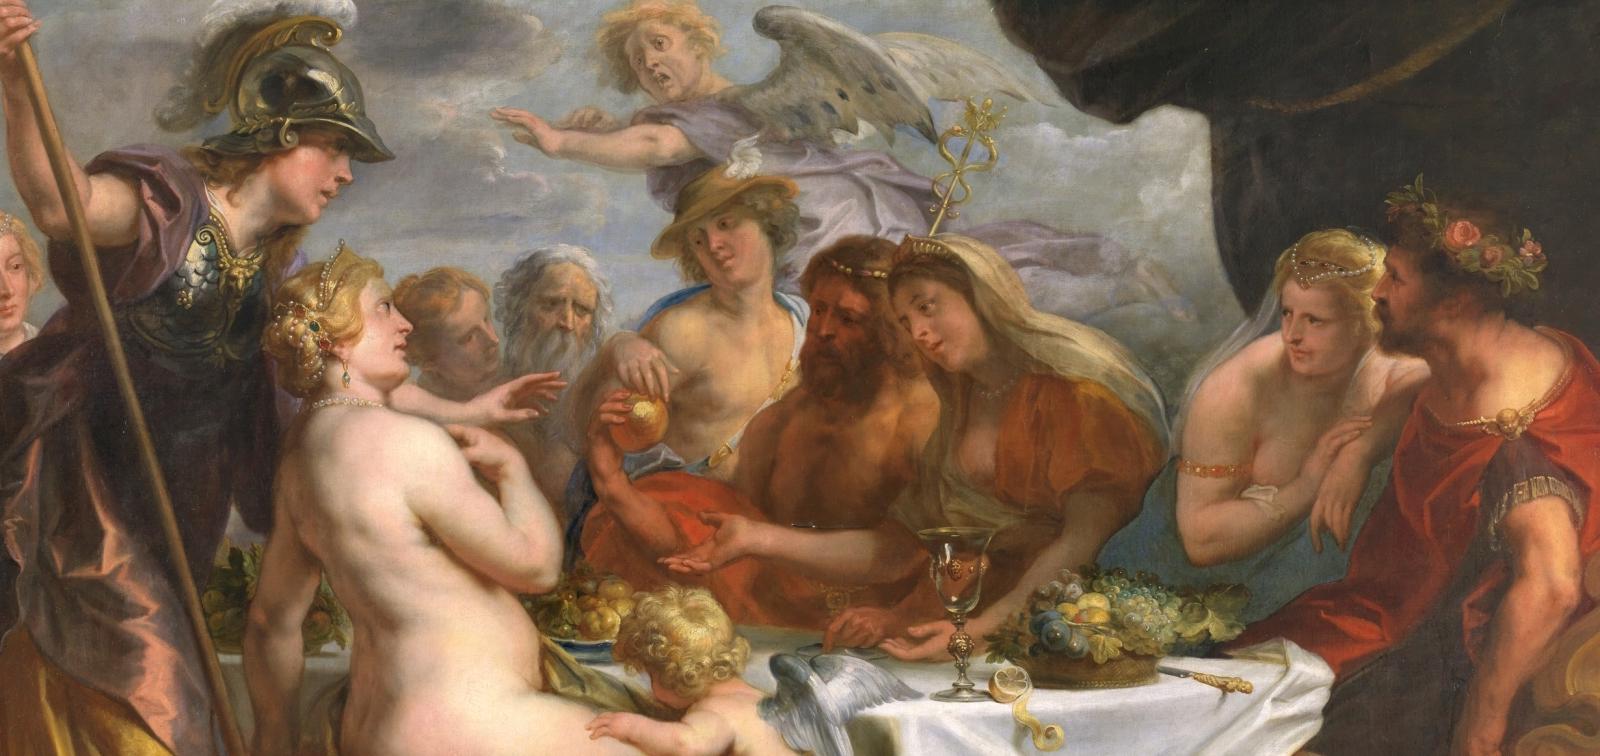 Aquiles en el Prado. Parada II